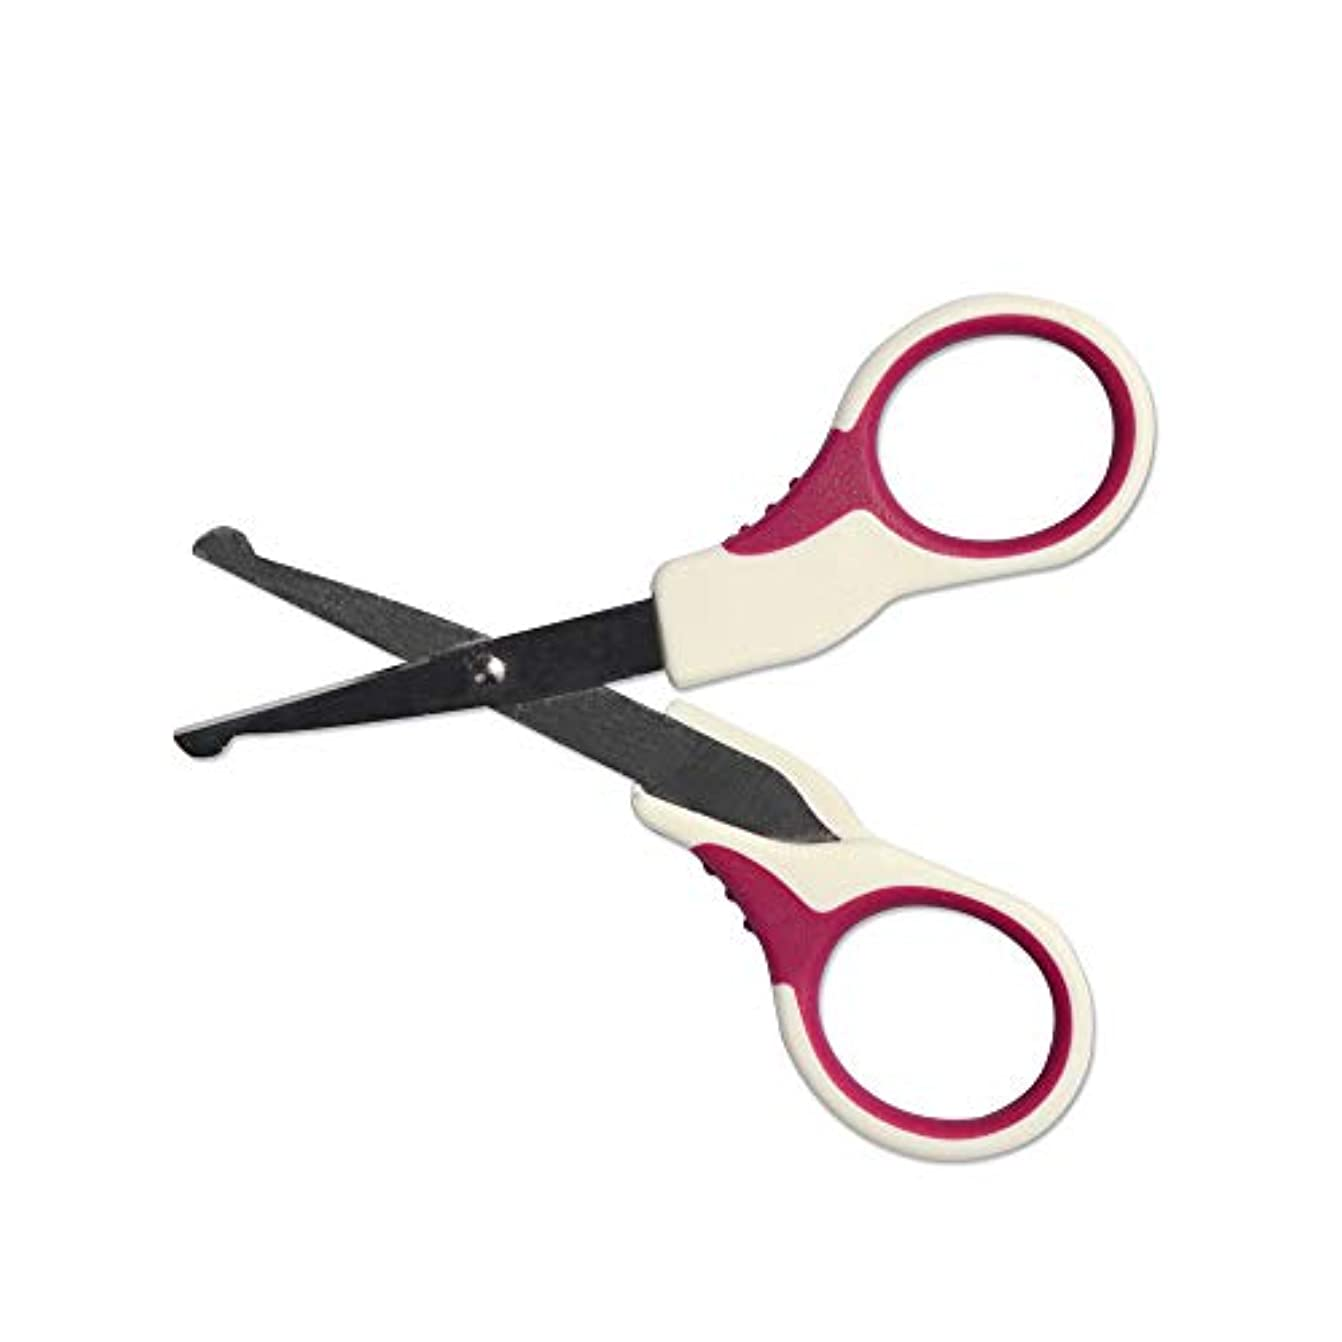 顕現立法呪いベビー爪切り赤ちゃんの爪切り新生児の爪切り 赤ちゃんに適しています